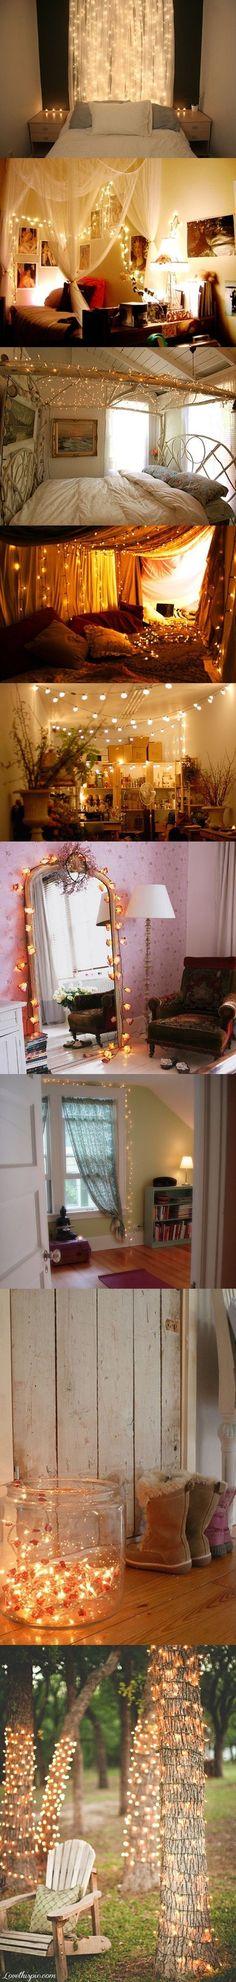 Ljus och åter ljus. I ett sovrum skänker det den ultimata känslan av lugn och trygghet.